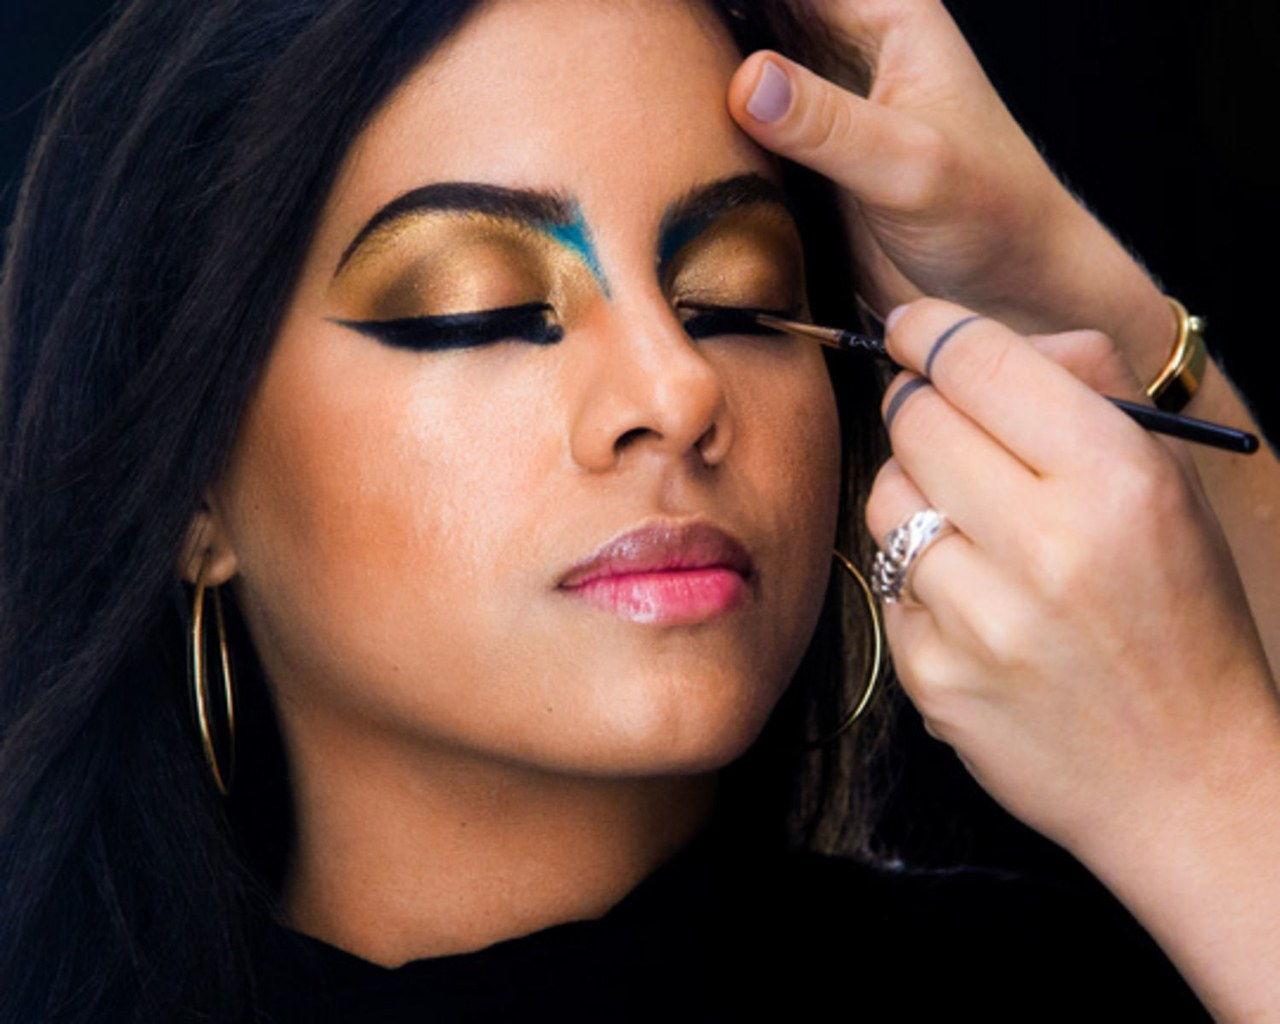 Diese Cleopatra Halloween Make Up Ist So Viel Einfacher Als Sie Denken